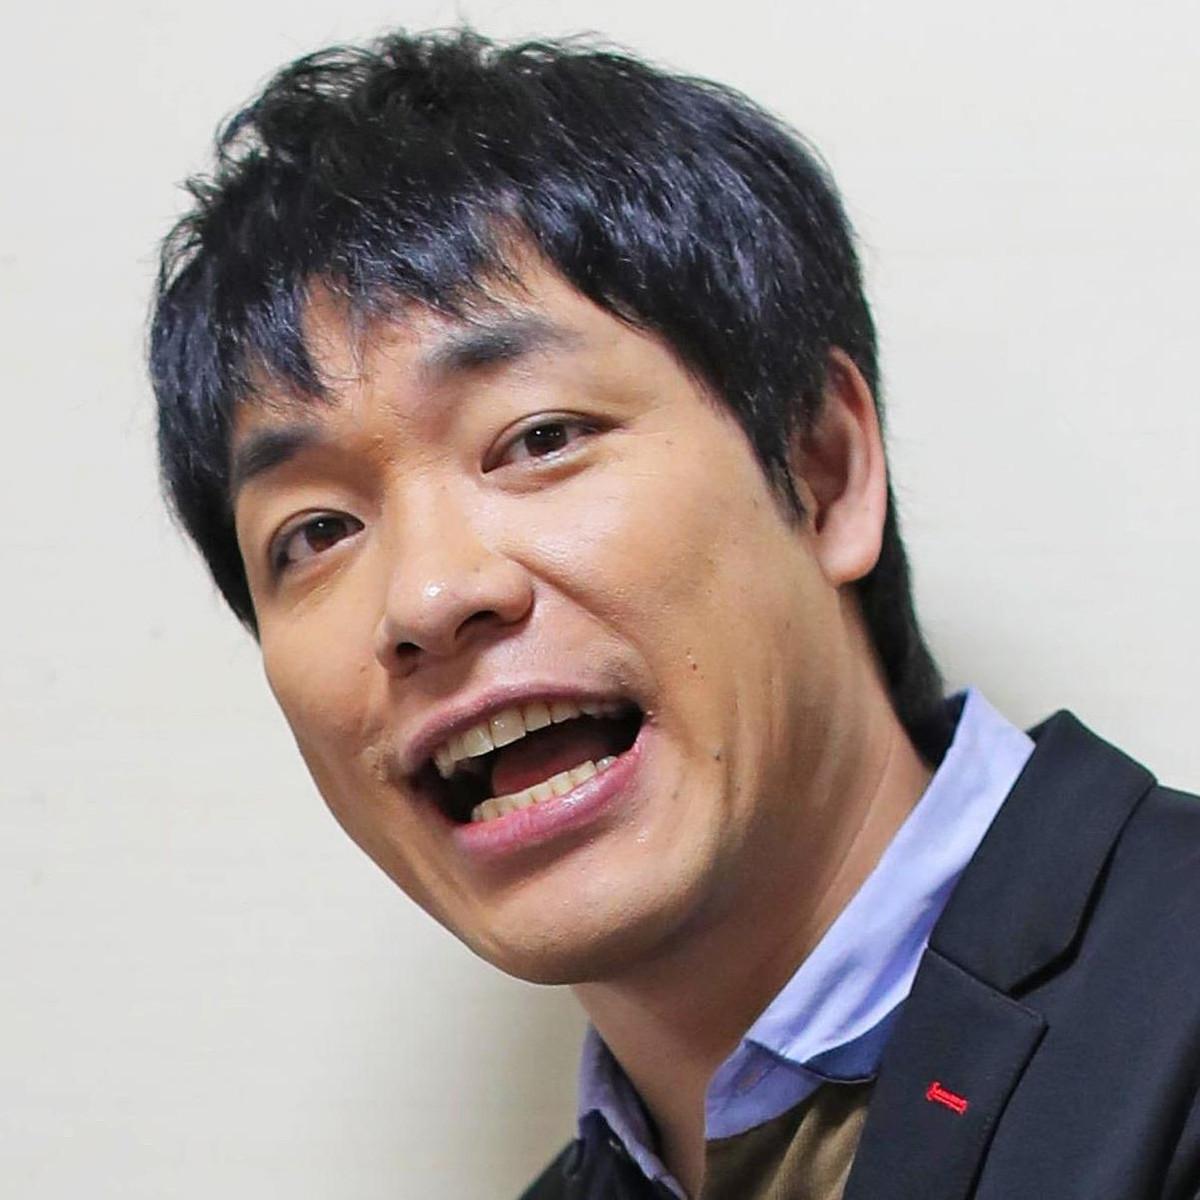 【悲報】吉本「加藤潰すためにスッキリの裏に番組作ってやるンゴ!」→結果